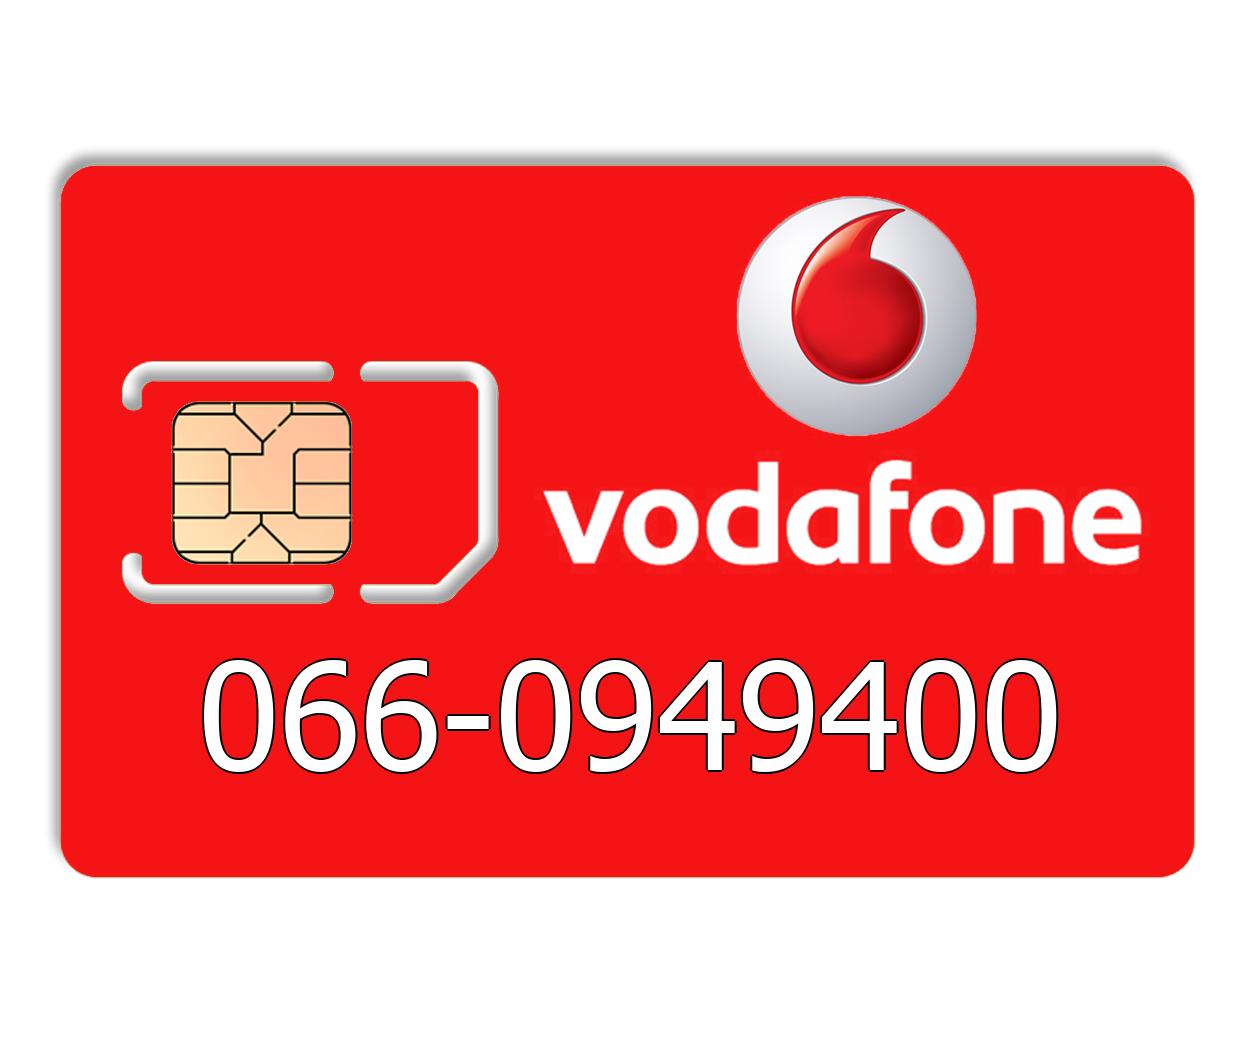 Красивый номер Vodafone 066-0949400